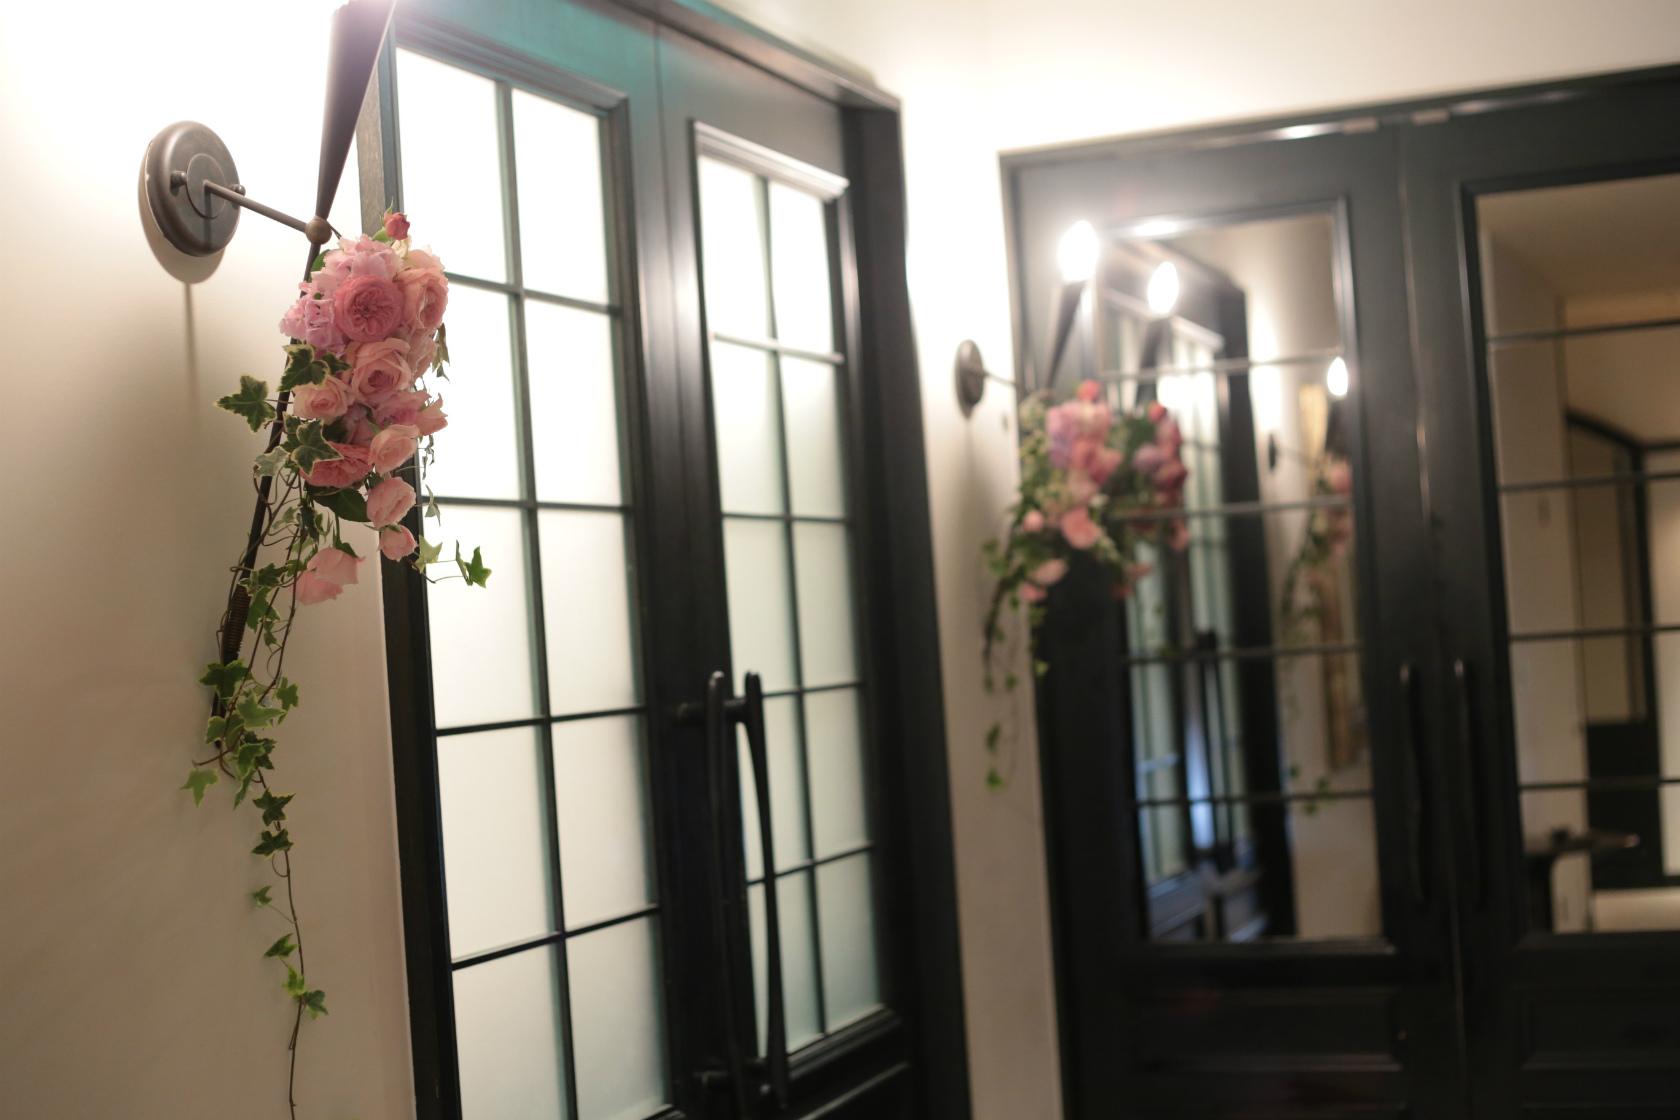 新郎新婦様からのメール 6月の花嫁 2_a0042928_133773.jpg